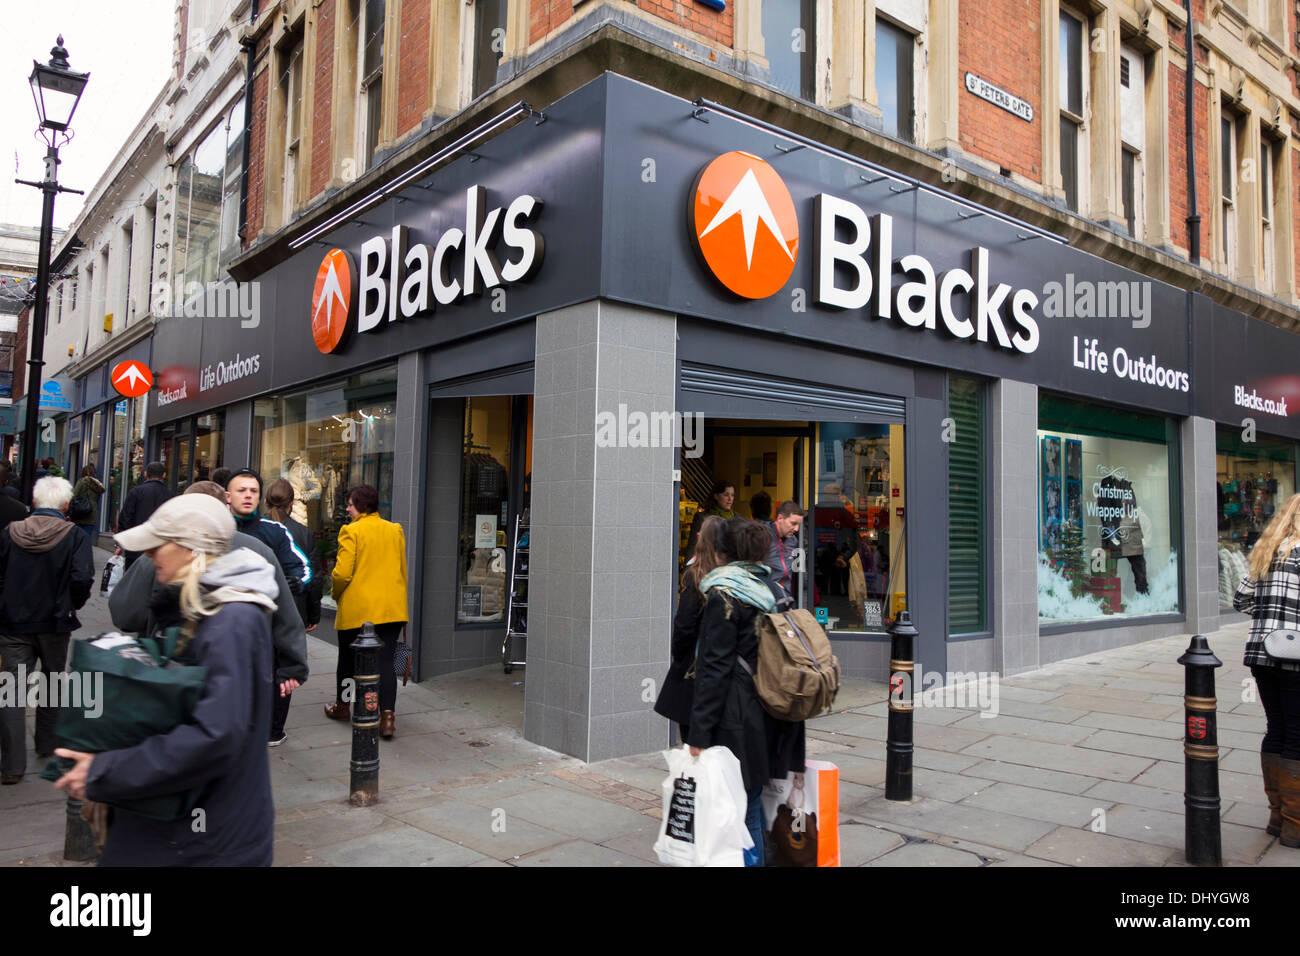 Un negros camping al aire libre y tienda de ropa en Nottingham, Reino Unido. Imagen De Stock